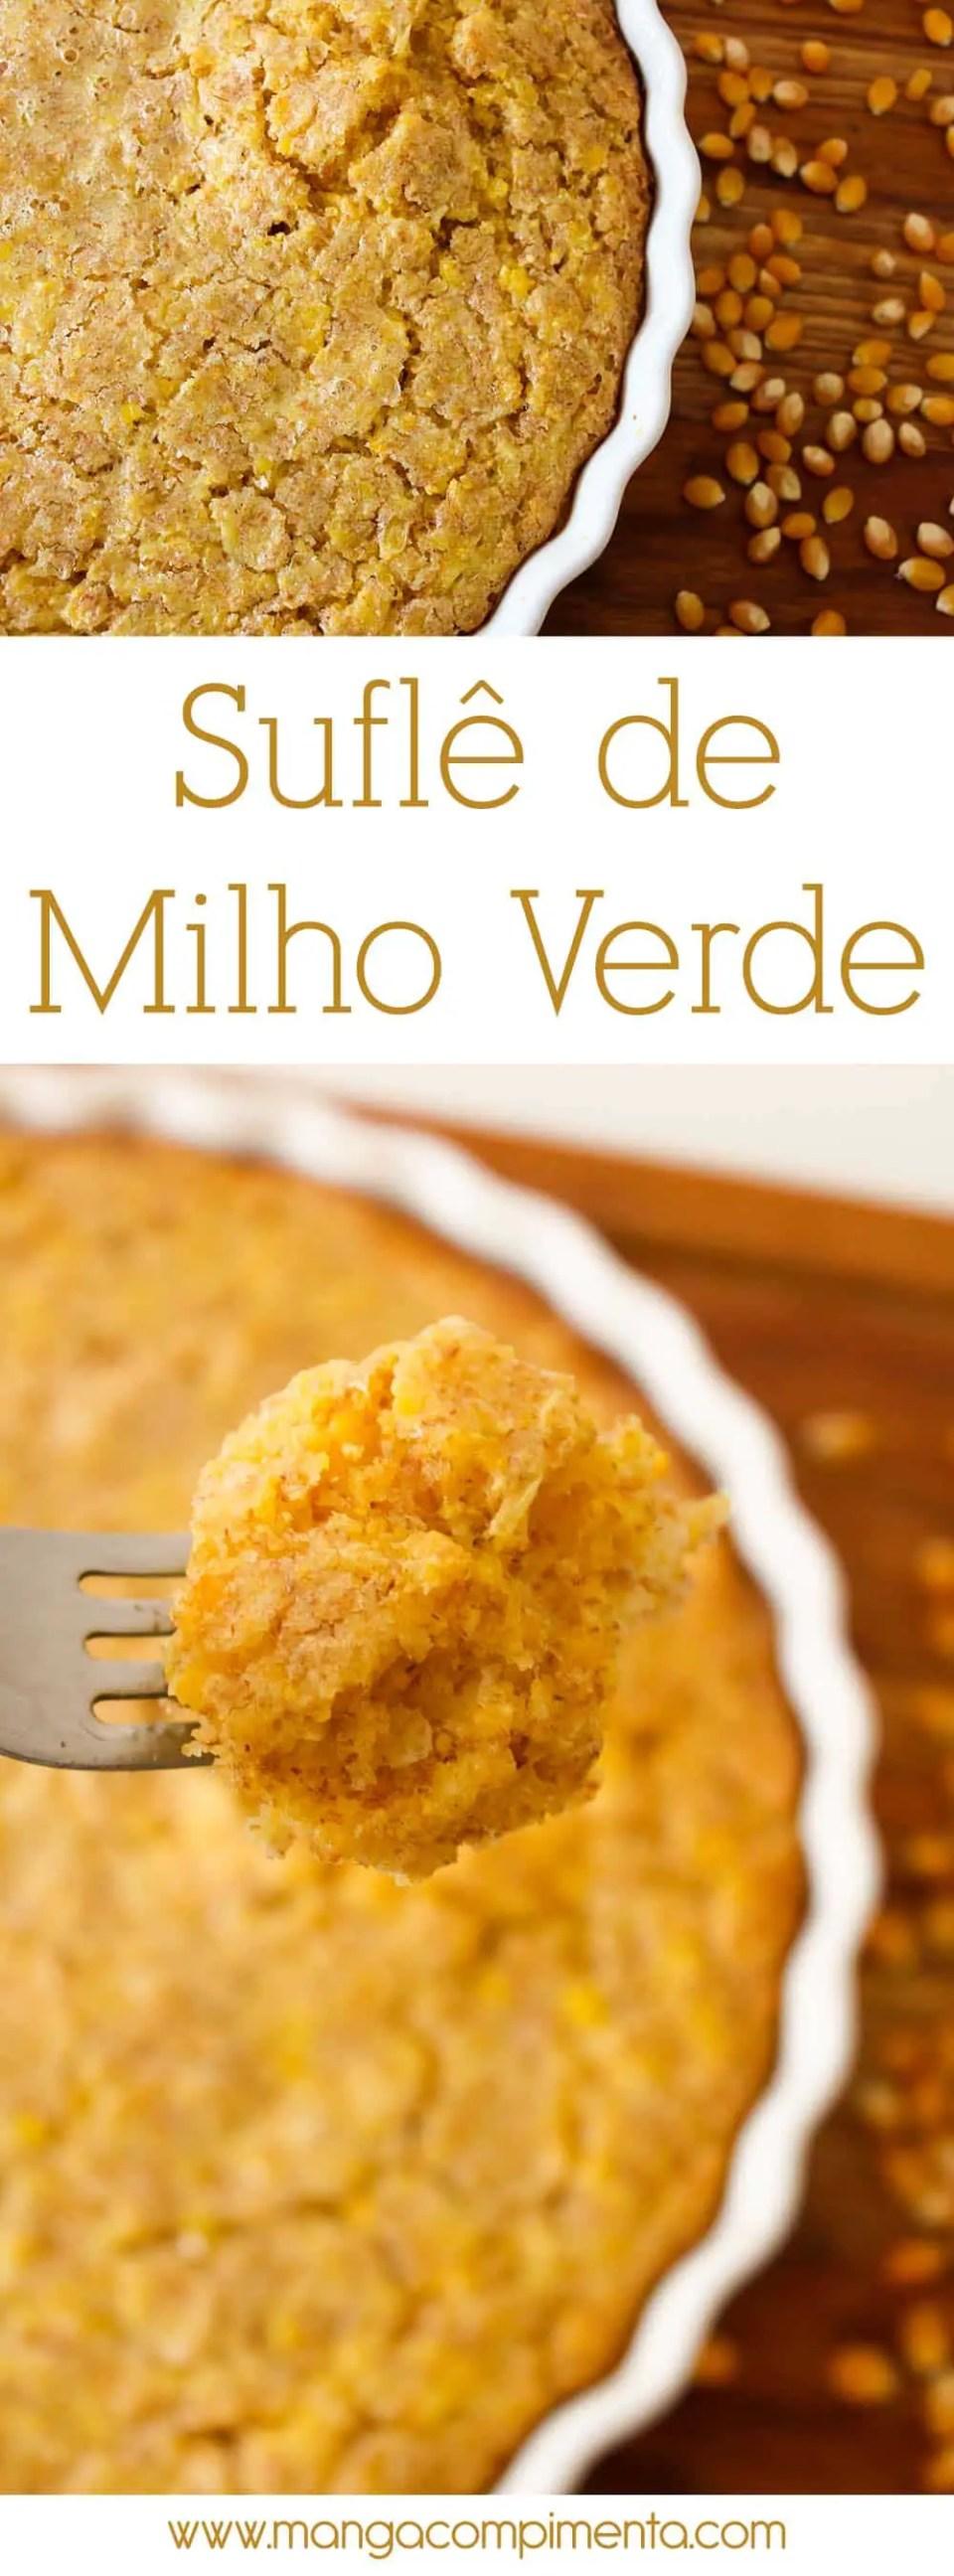 Suflê de Milho Verde - para servir com um punhado de arroz e uma salada verde temperadinha!